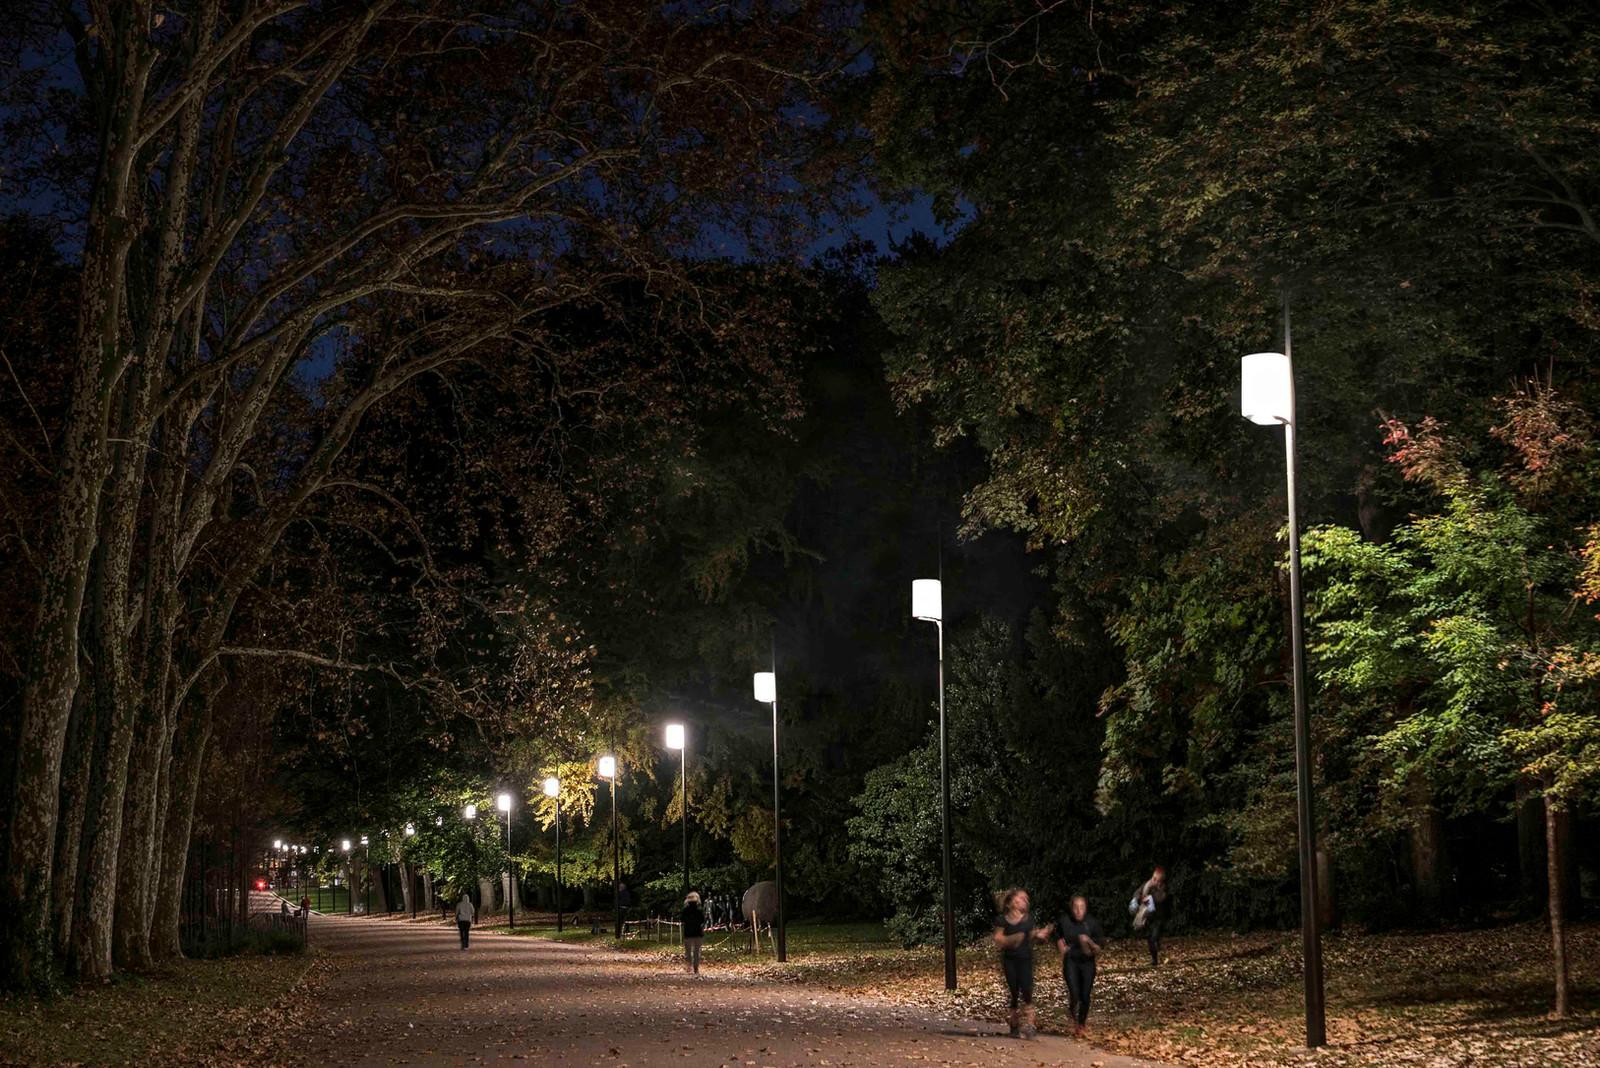 30 • Parc de la Tête d'Or - Lyon